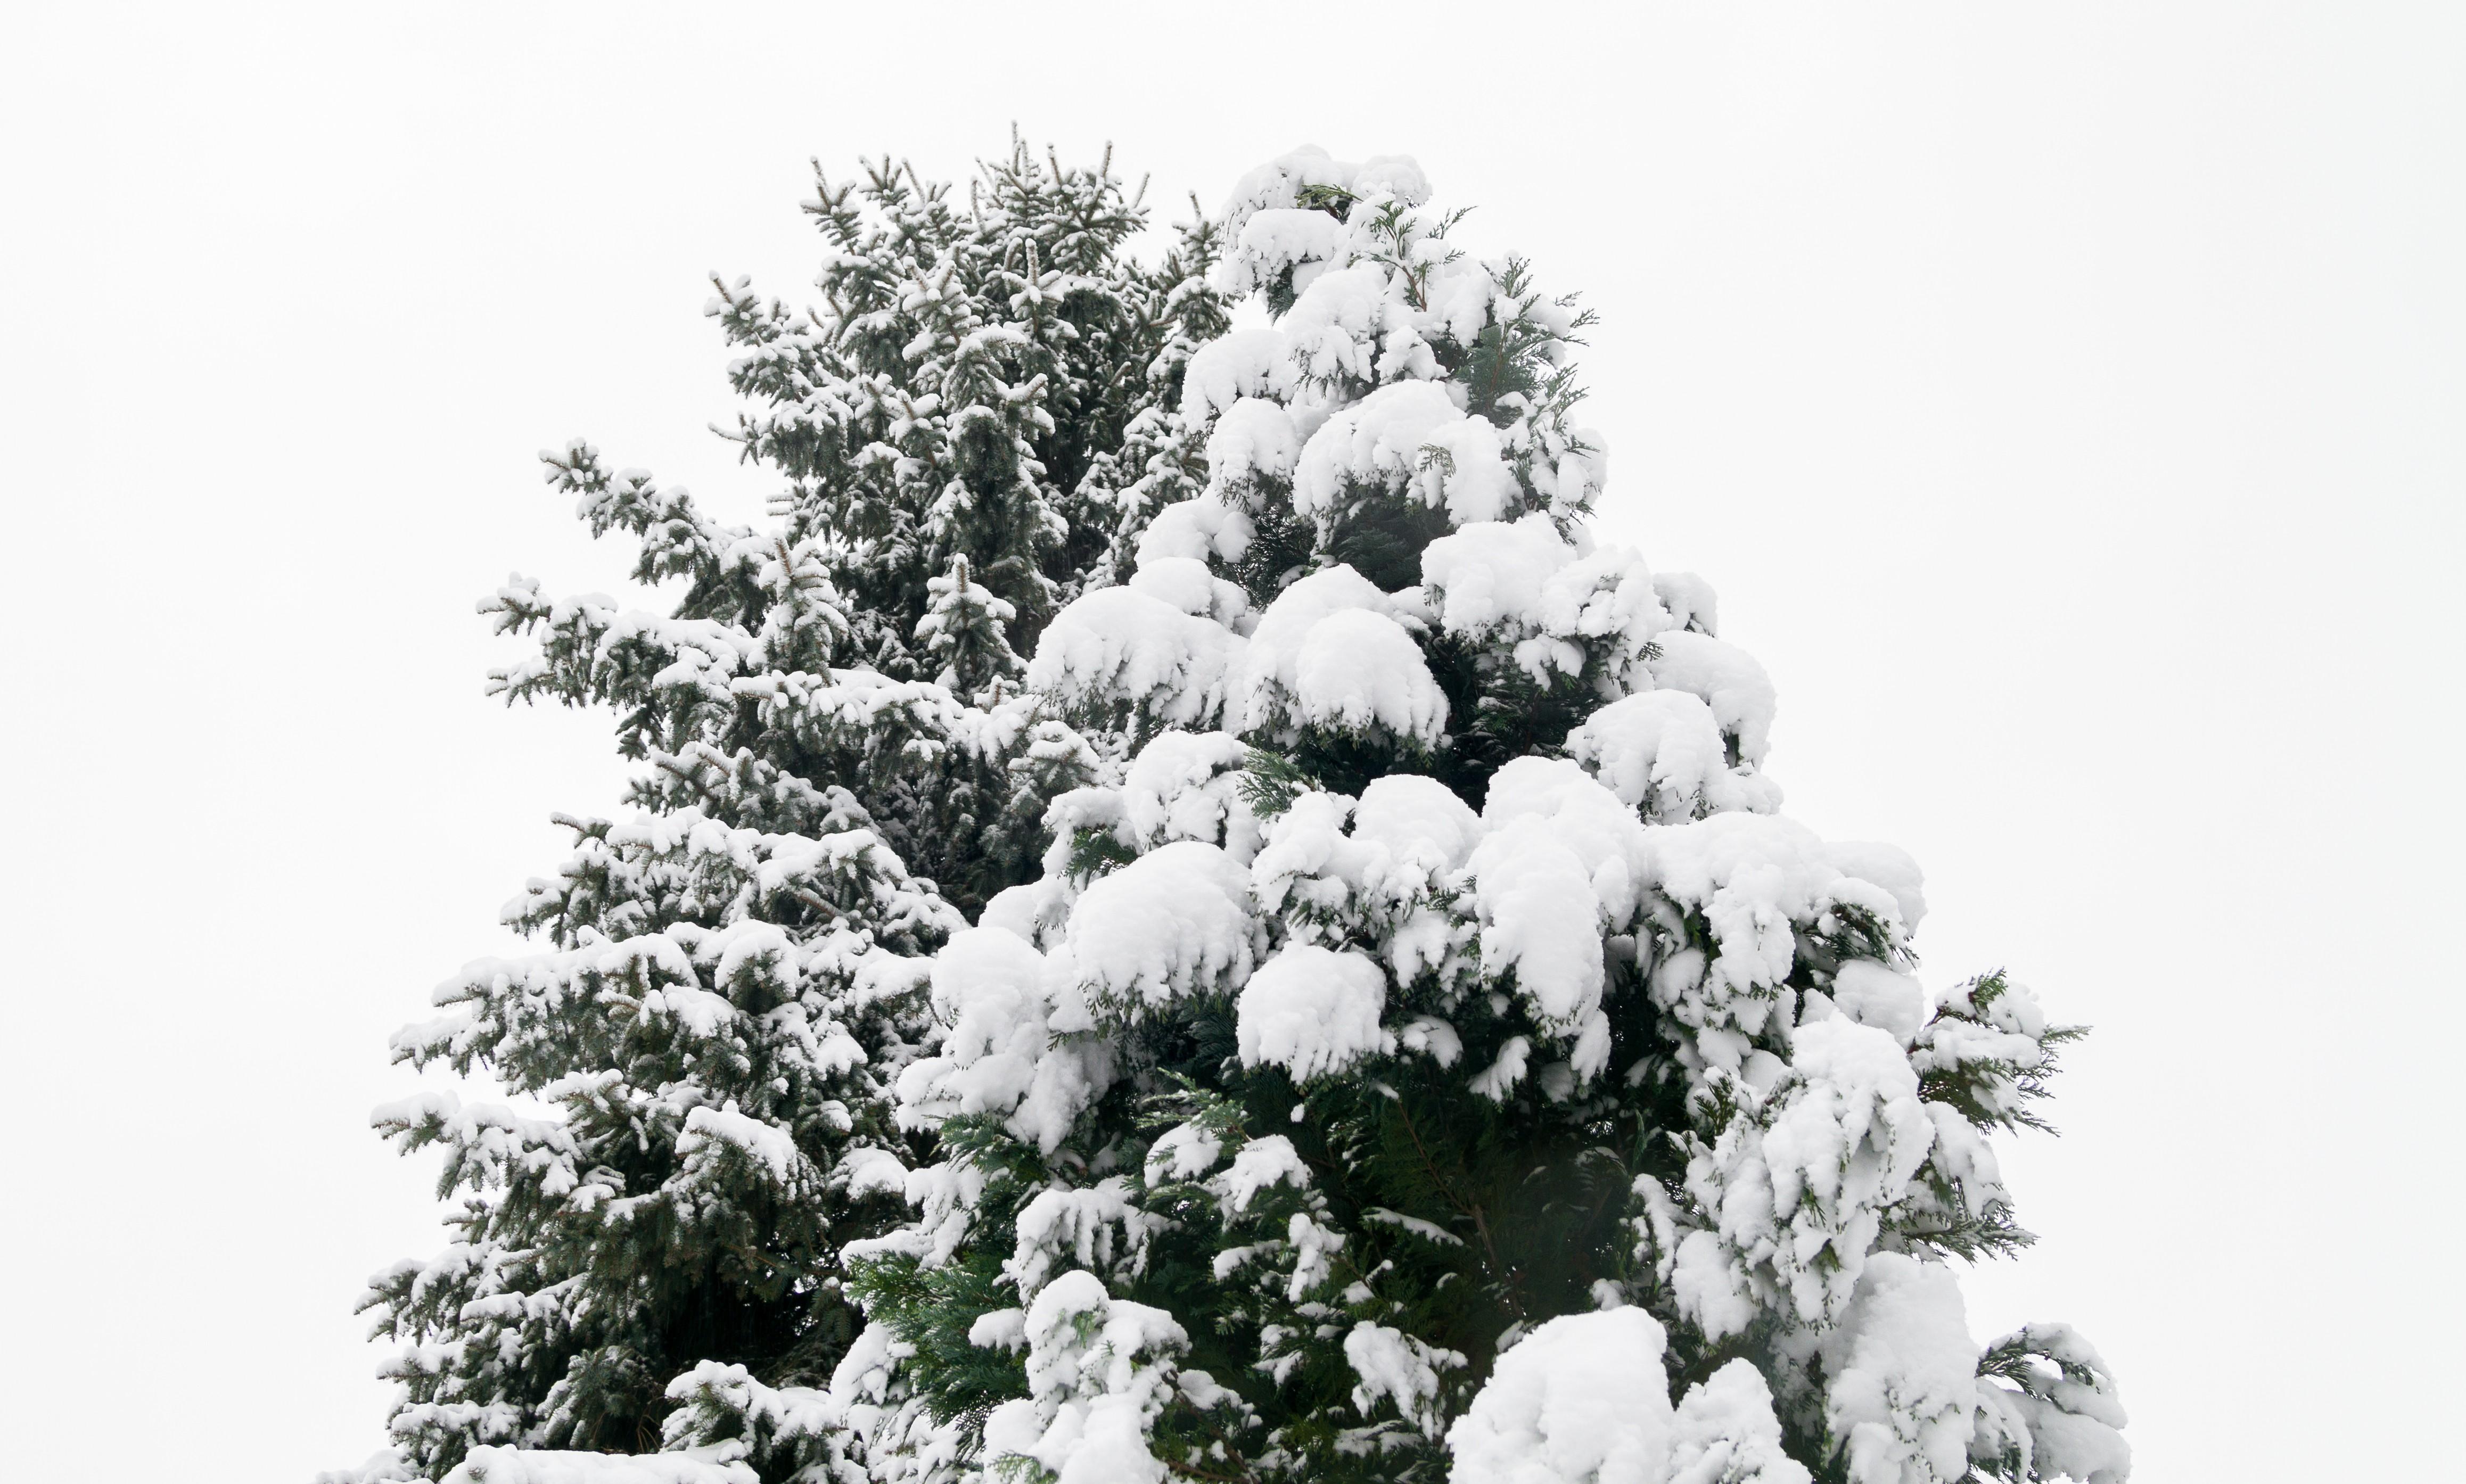 fotos gratis rbol naturaleza bosque rama nieve invierno en blanco y negro planta cielo flor escarcha pino hojas perennes clima nevado